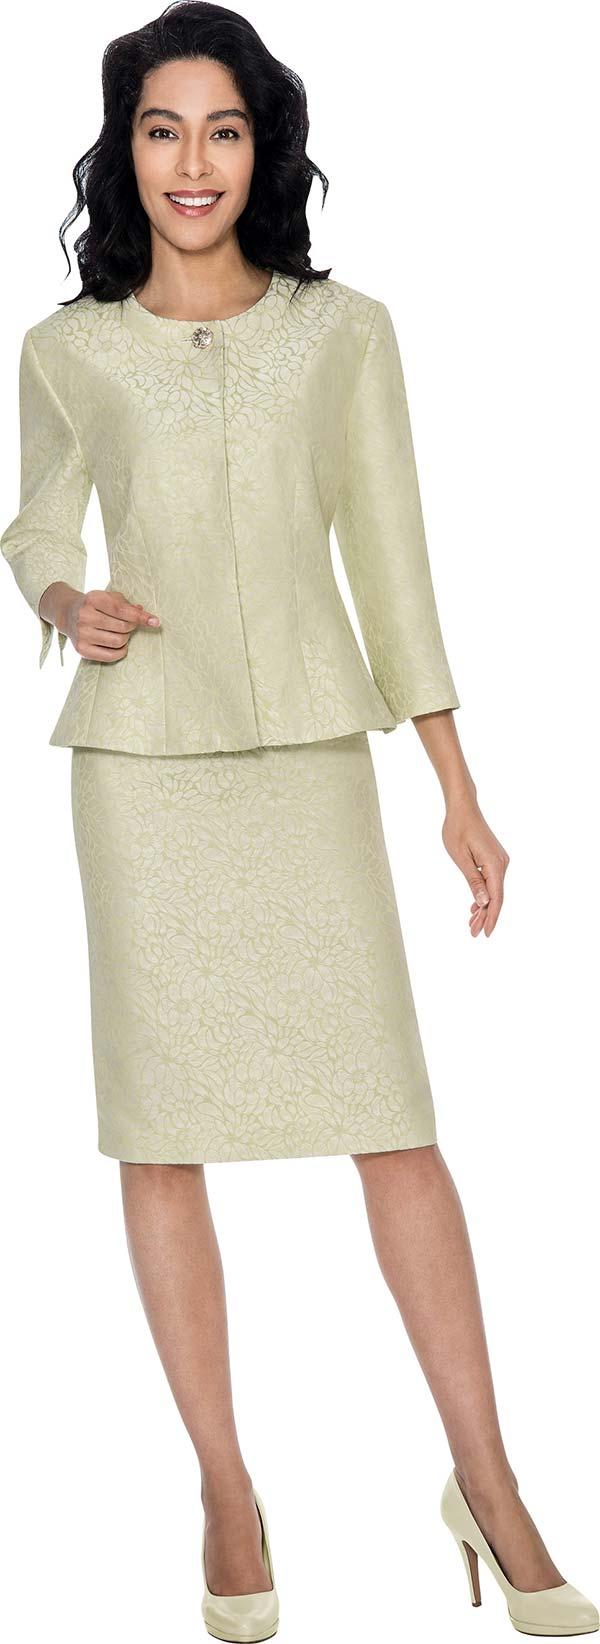 D.Vine 1138W - Ladies Two Piece Skirt Suit In Floral Texture Design